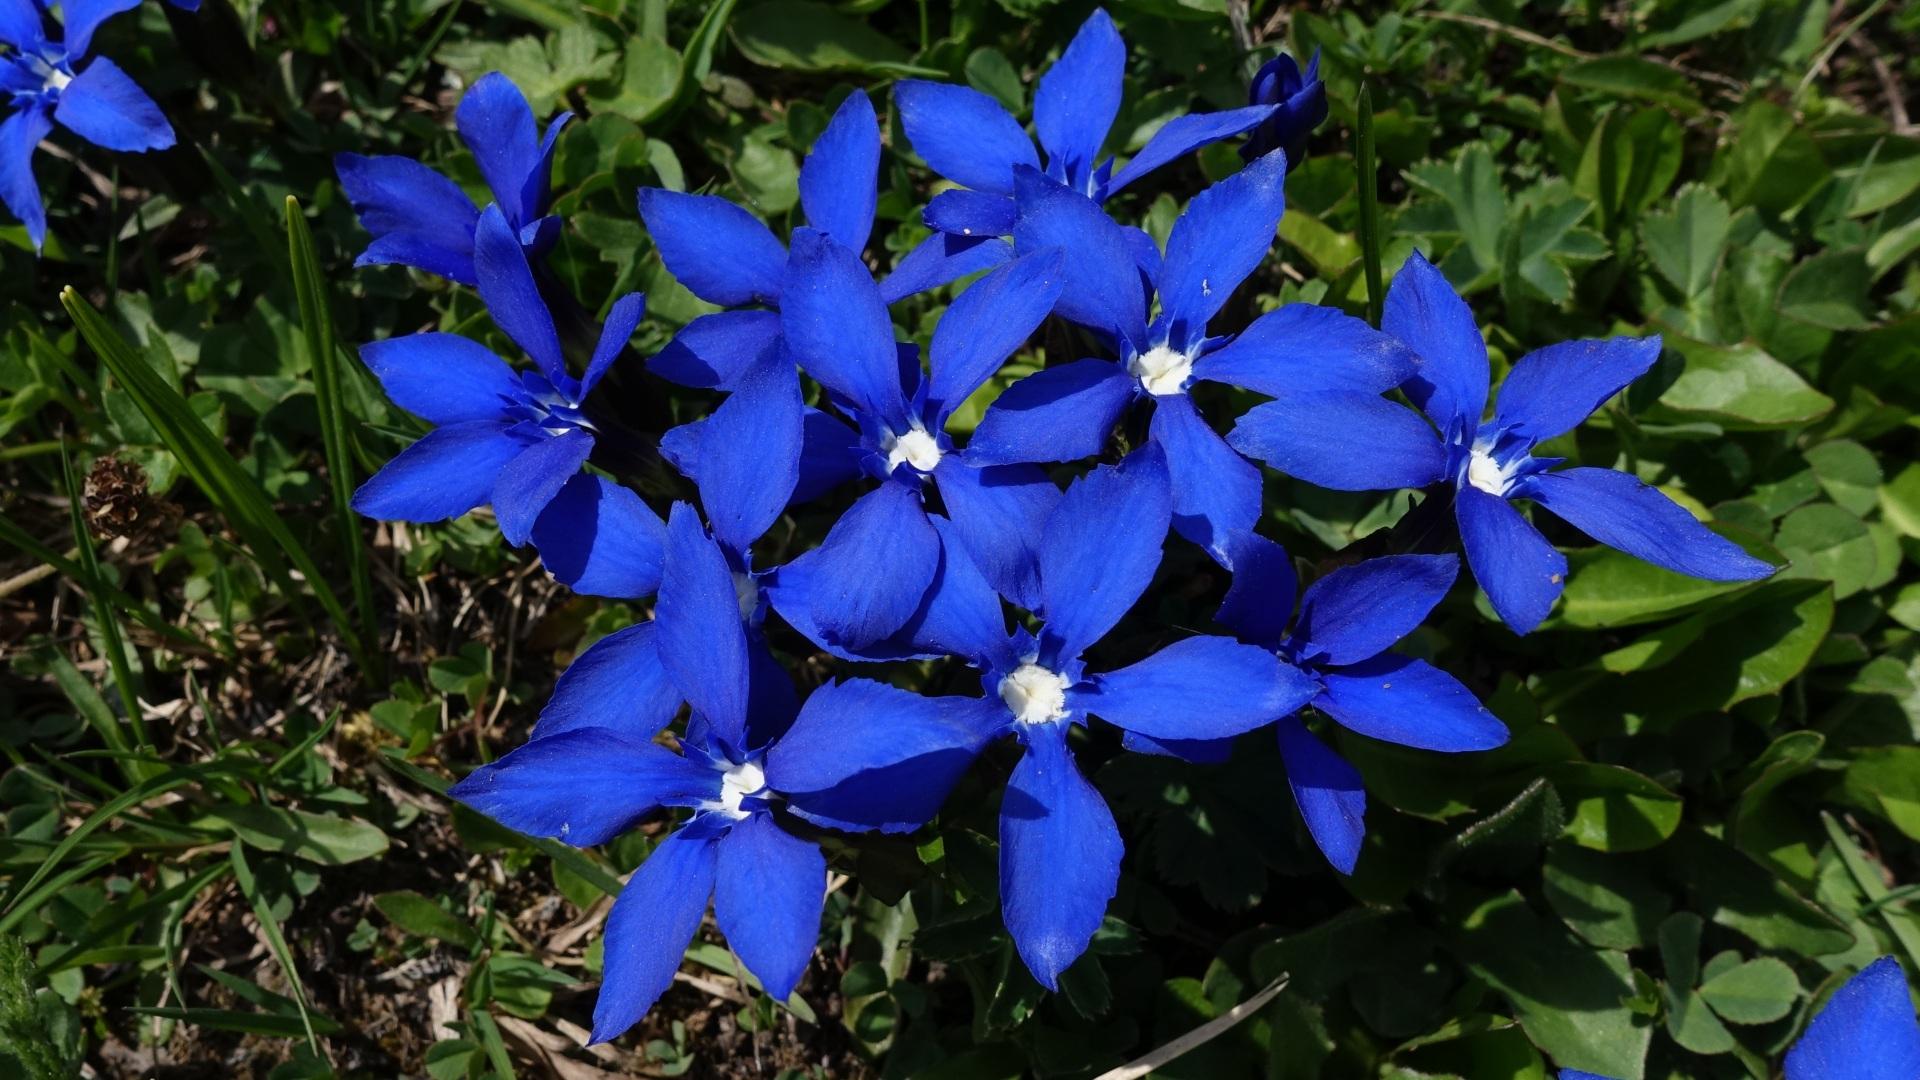 Foto Gentiana Blau Blumen hautnah 1920x1080 Blüte Nahaufnahme Großansicht